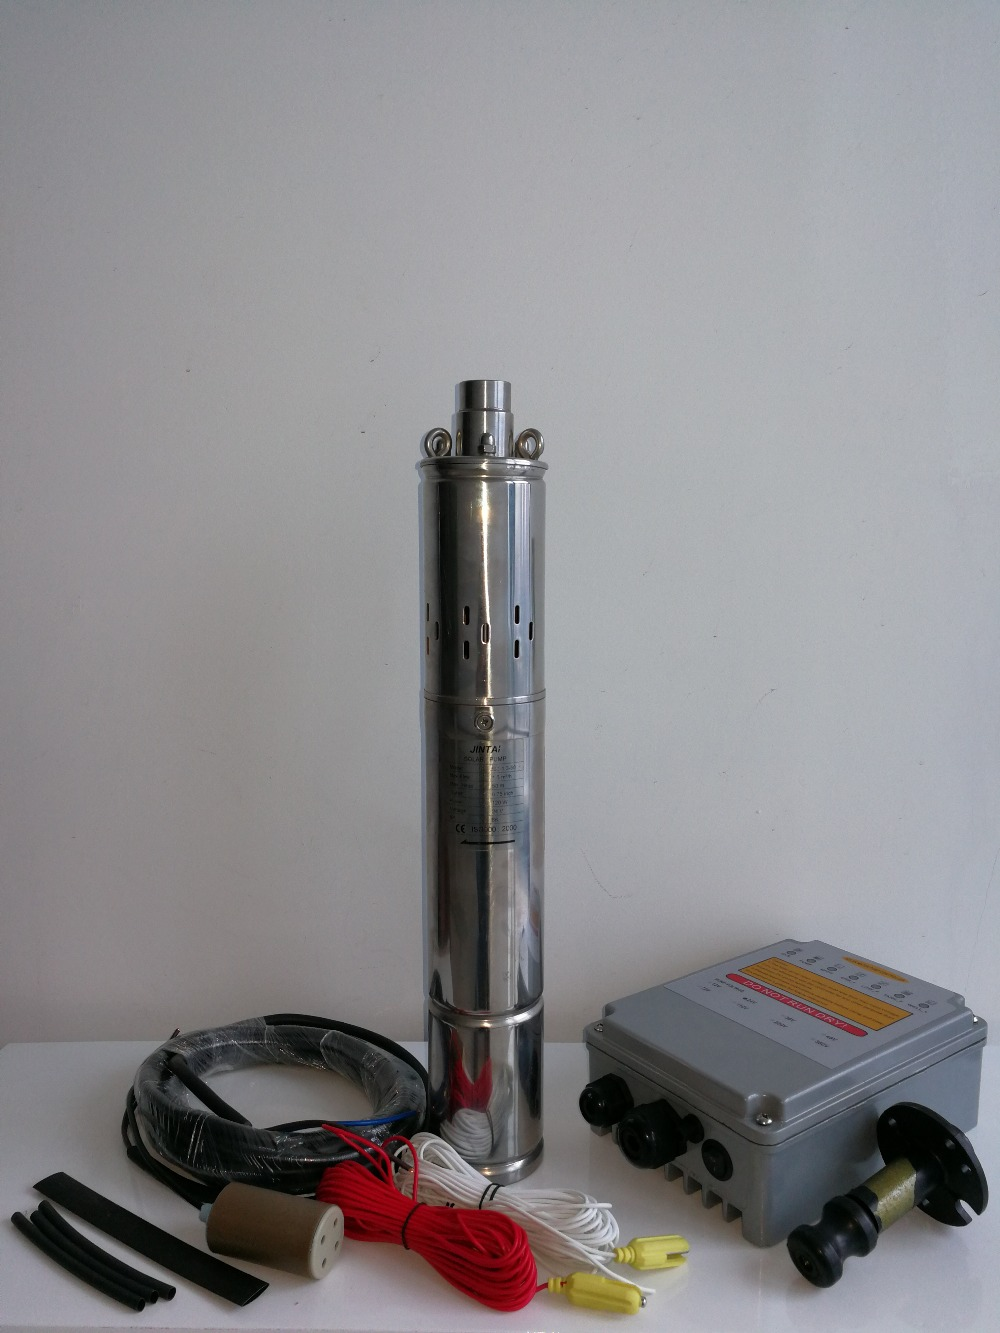 5 anos de garantia DC movido a energia solar bombas de água, kit solar para casa, 24 V bomba submersível, frete grátis, modelo: JS3-1.3-50